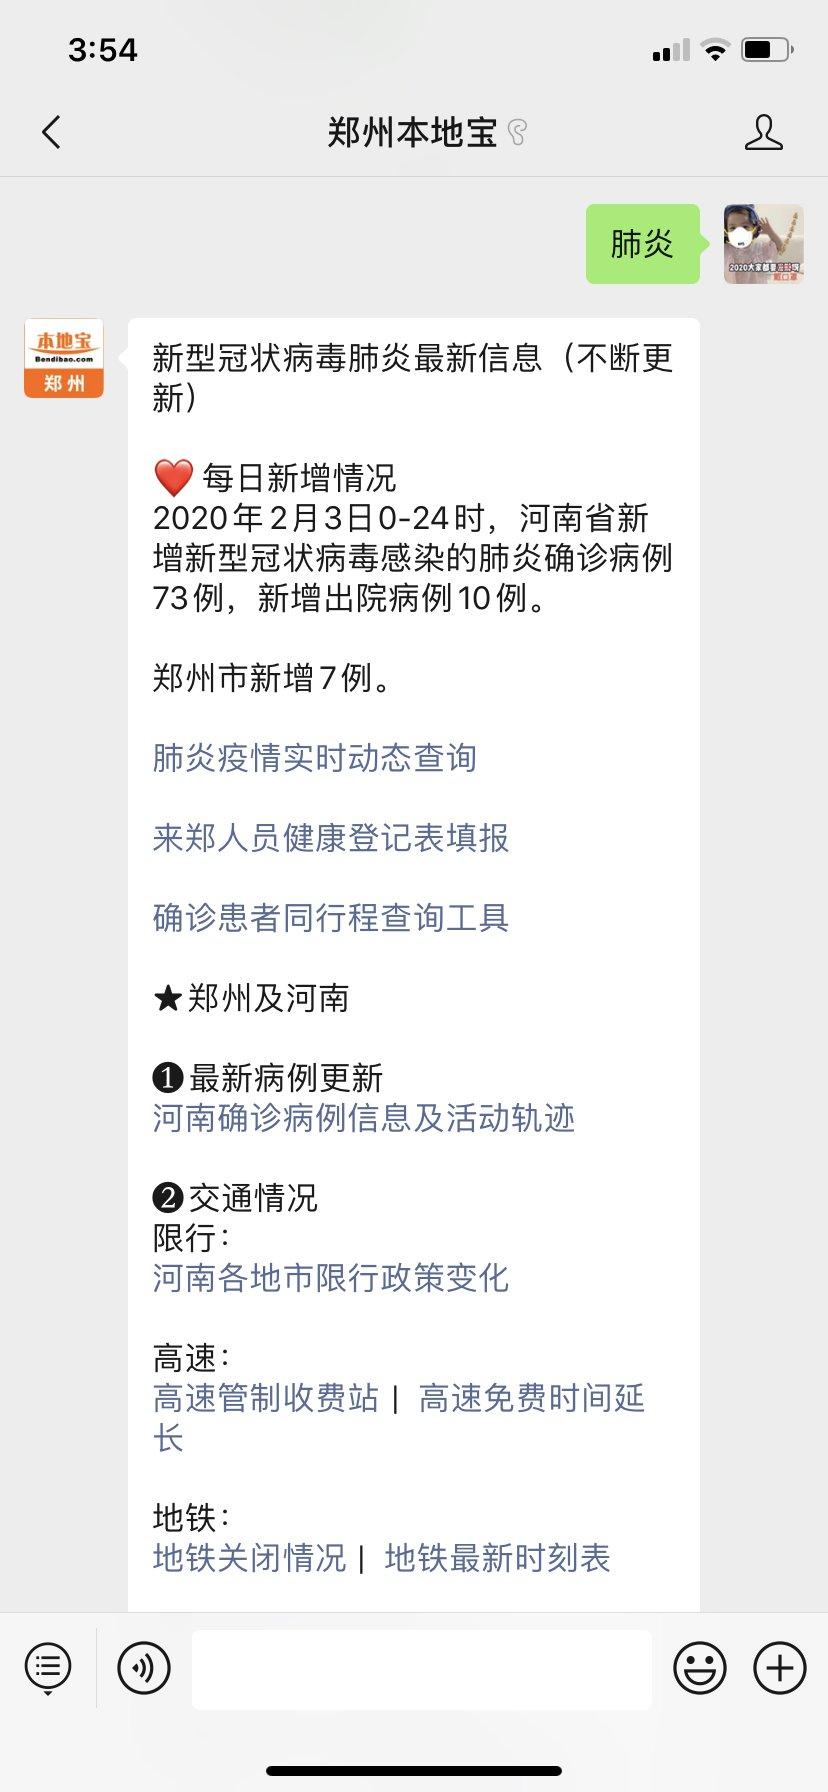 河南复工时间推迟至2月9日以后